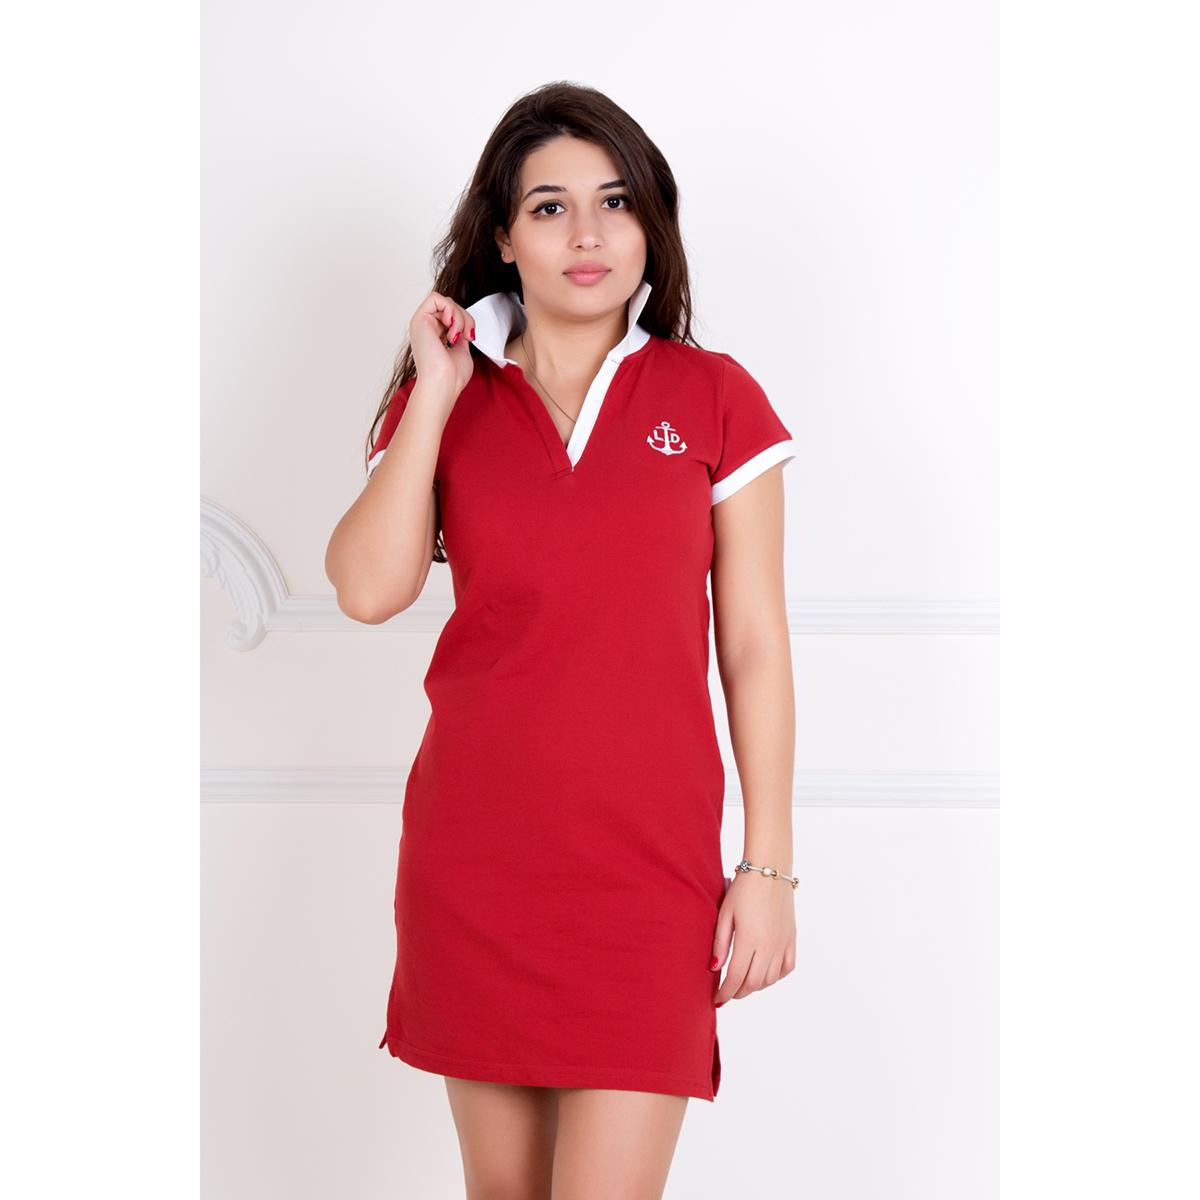 Женское платье Поло Красный, размер 46Платья, туники<br>Обхват груди:92 см<br>Обхват талии:74 см<br>Обхват бедер:100 см<br>Длина по спинке:93 см<br>Рост:167 см<br><br>Тип: Жен. платье<br>Размер: 46<br>Материал: Пике